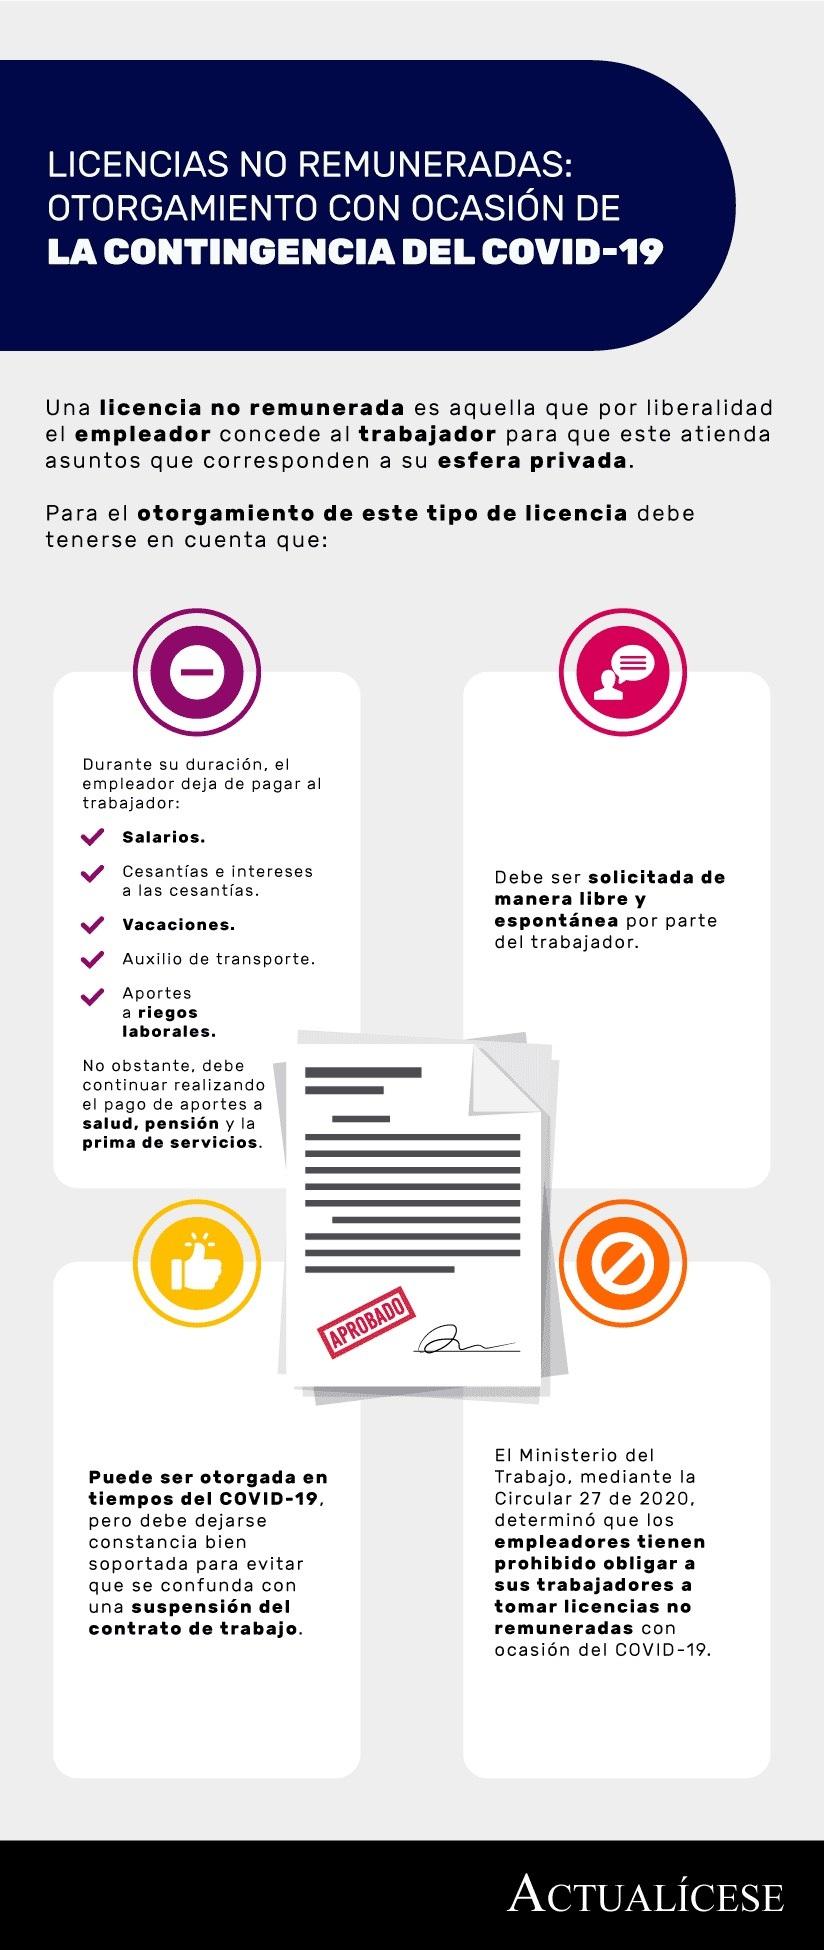 [Infografía] Licencias no remuneradas: otorgamiento con ocasión de la contingencia del COVID-19